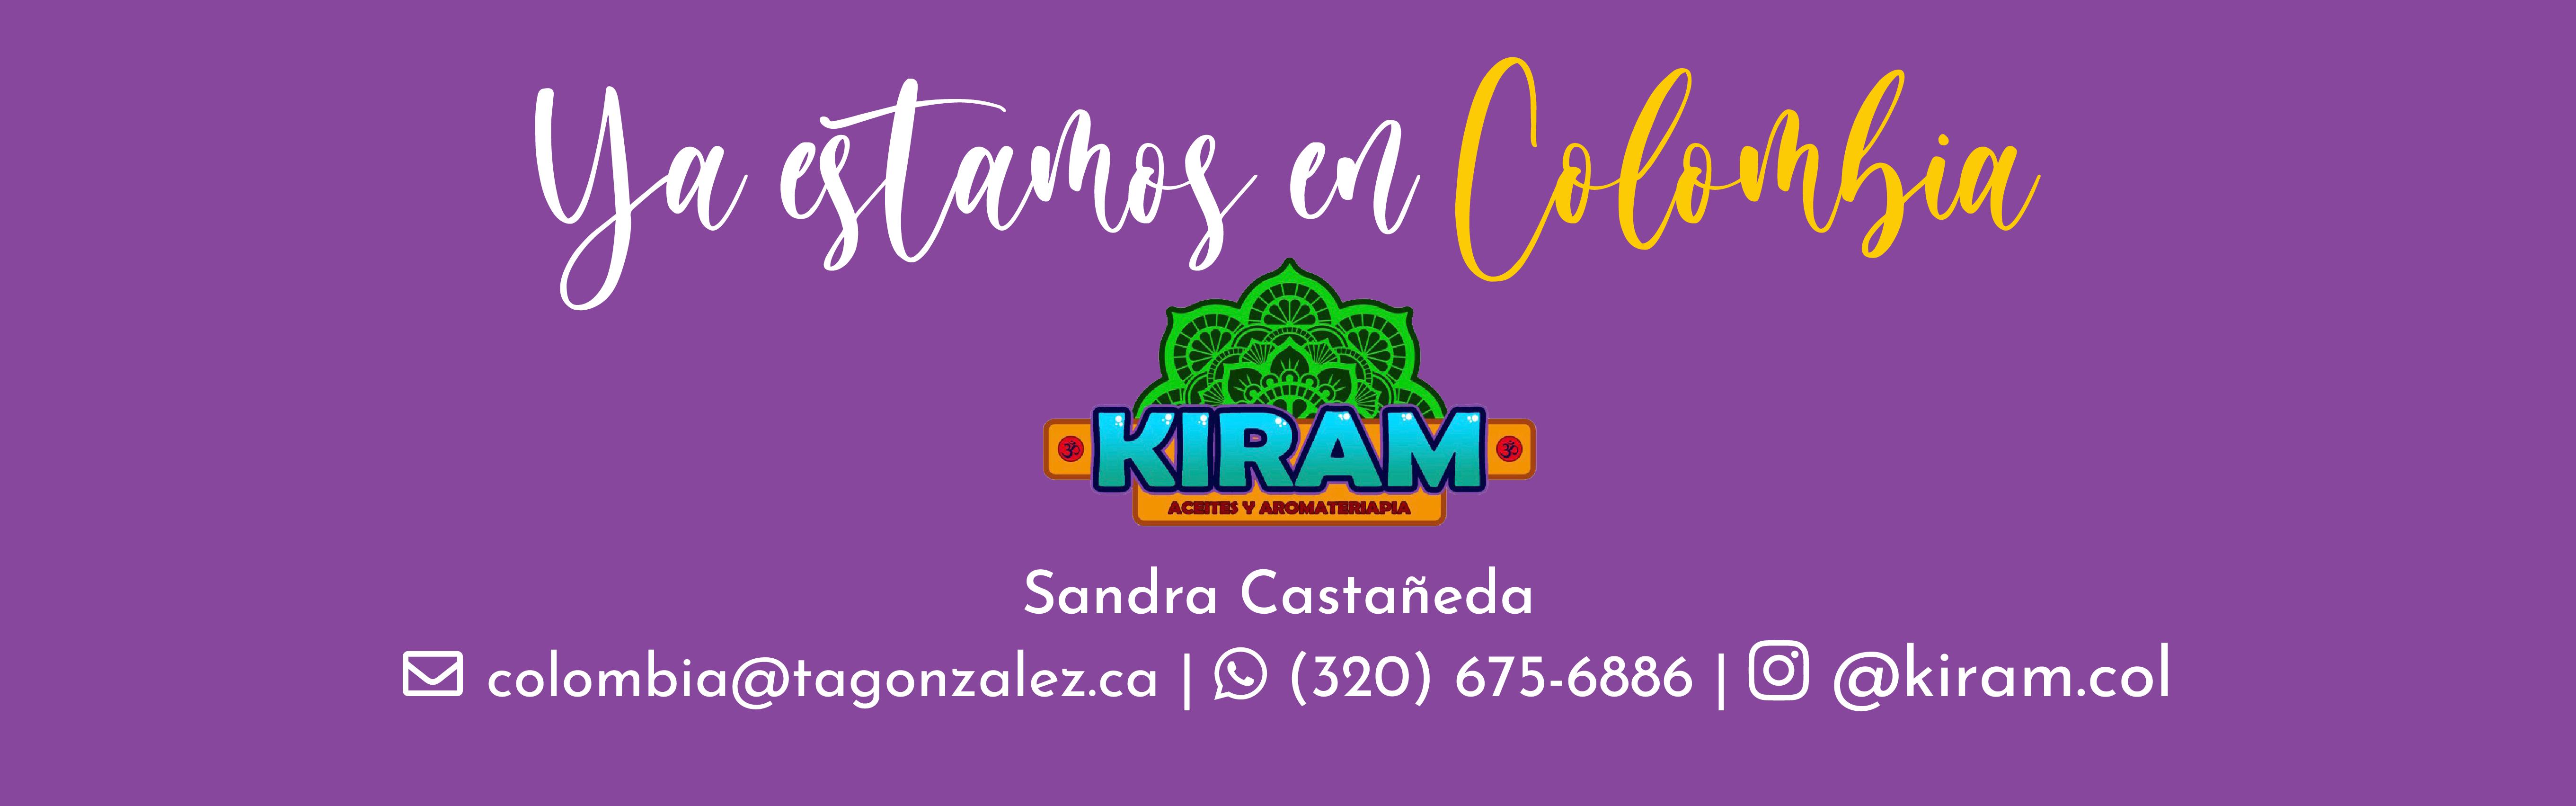 Kiram web banner